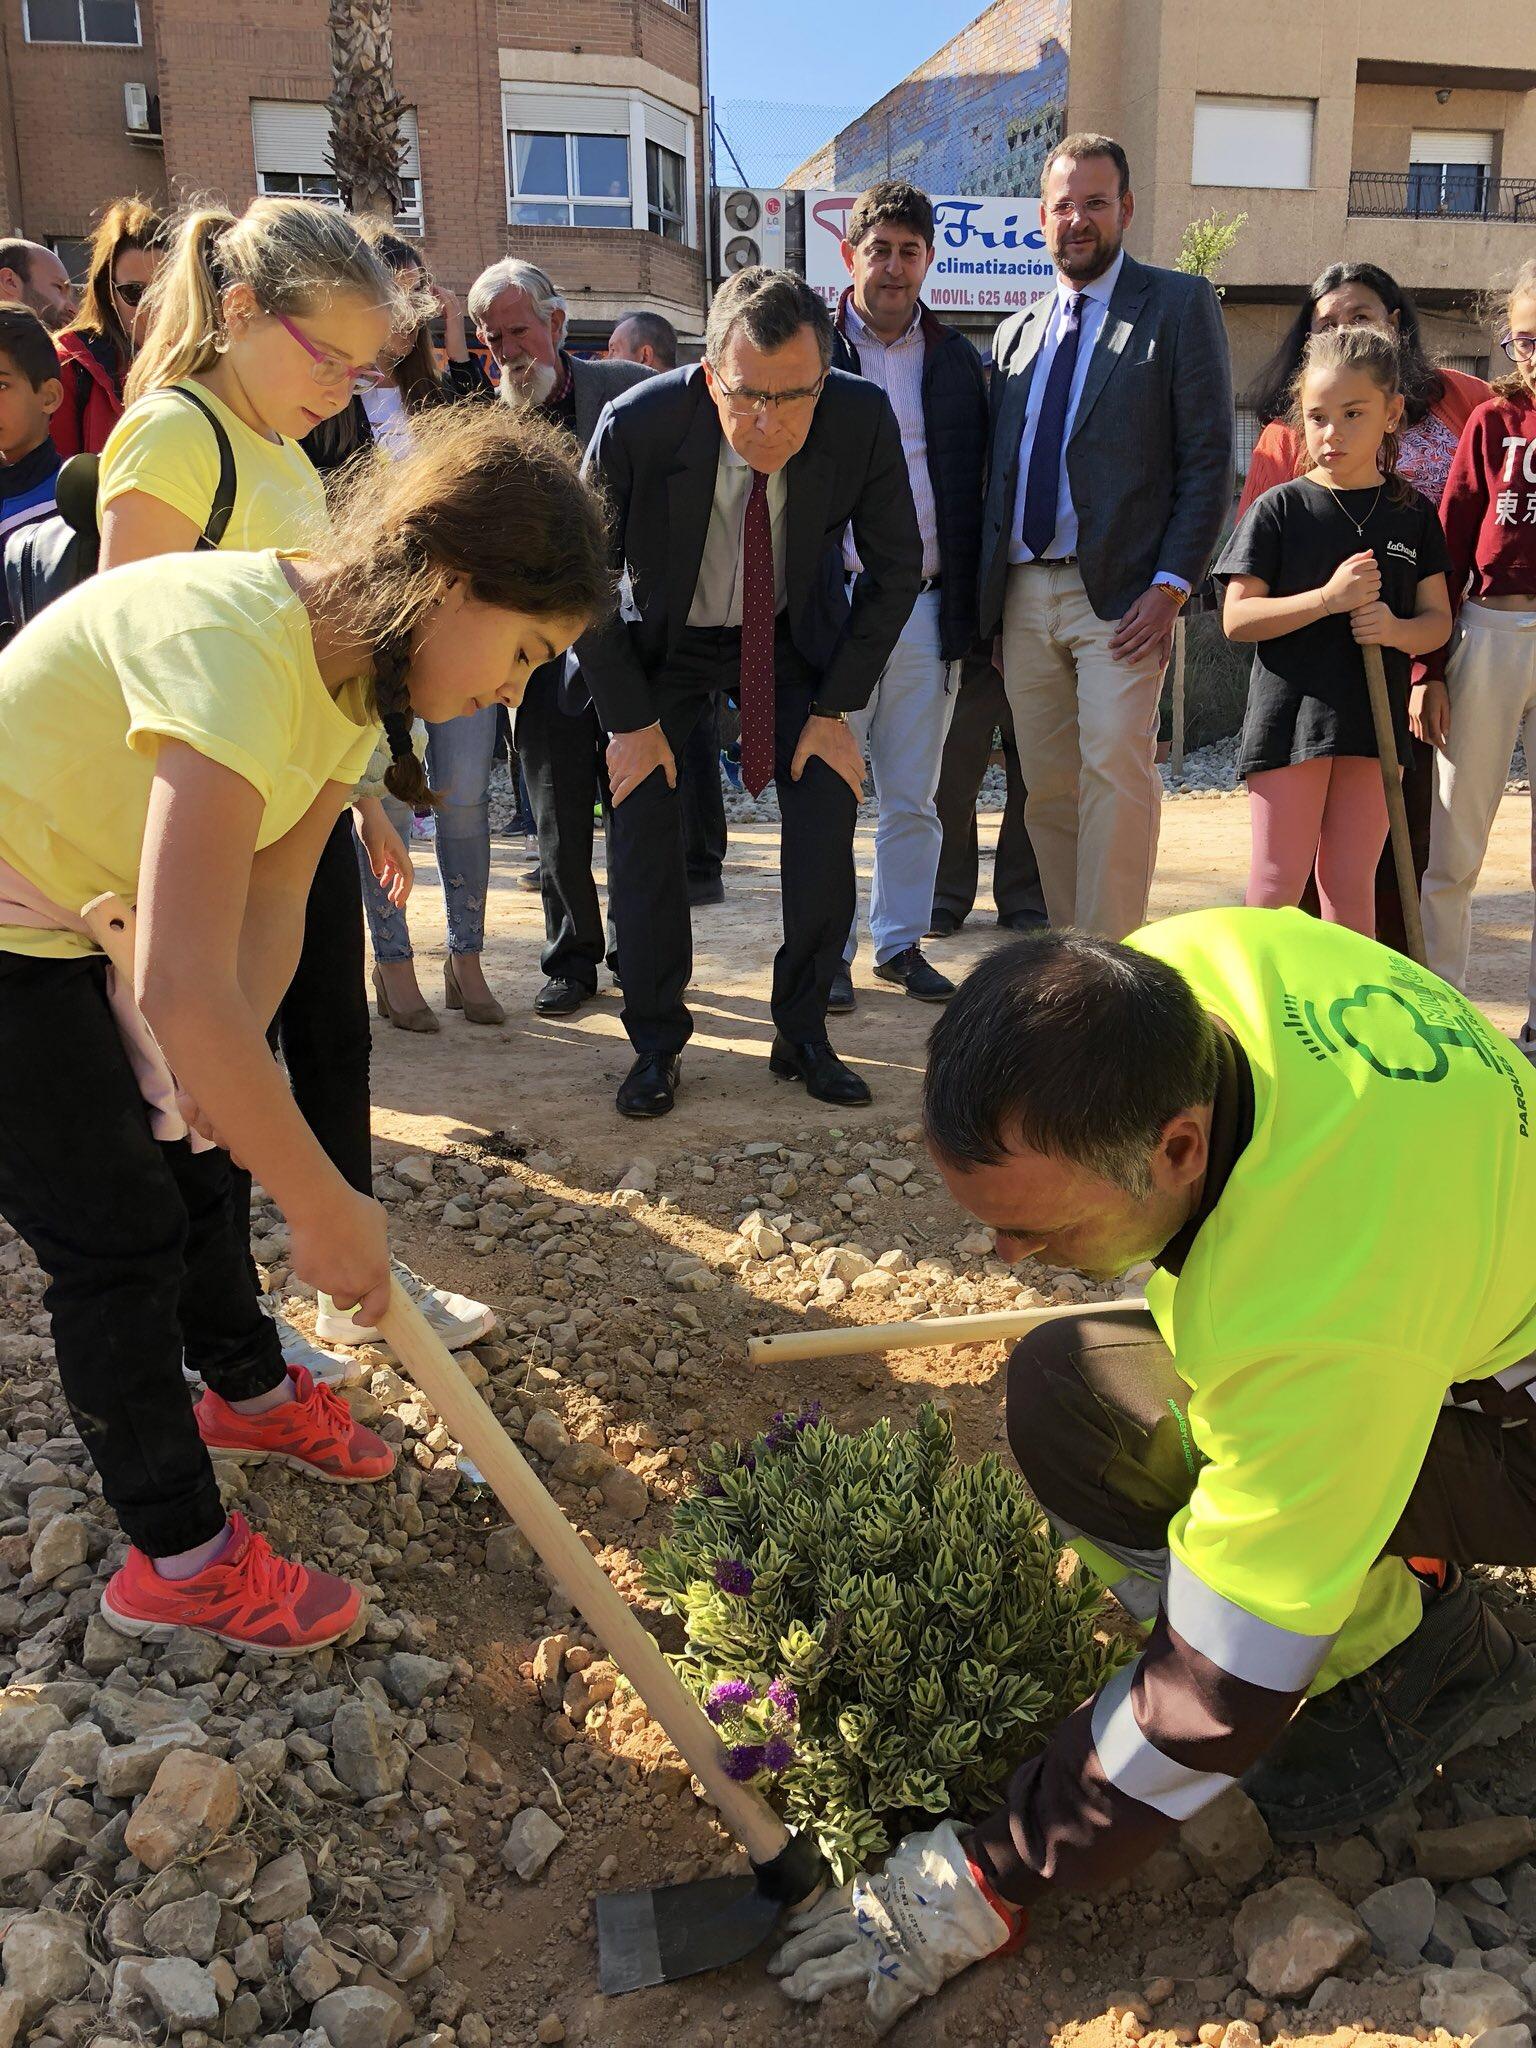 Una alumna, ayudada por un operario, se afana en la plantación, bajo la atenta mirada del alcalde de Murcia. Imagen: Ayto. de Murcia